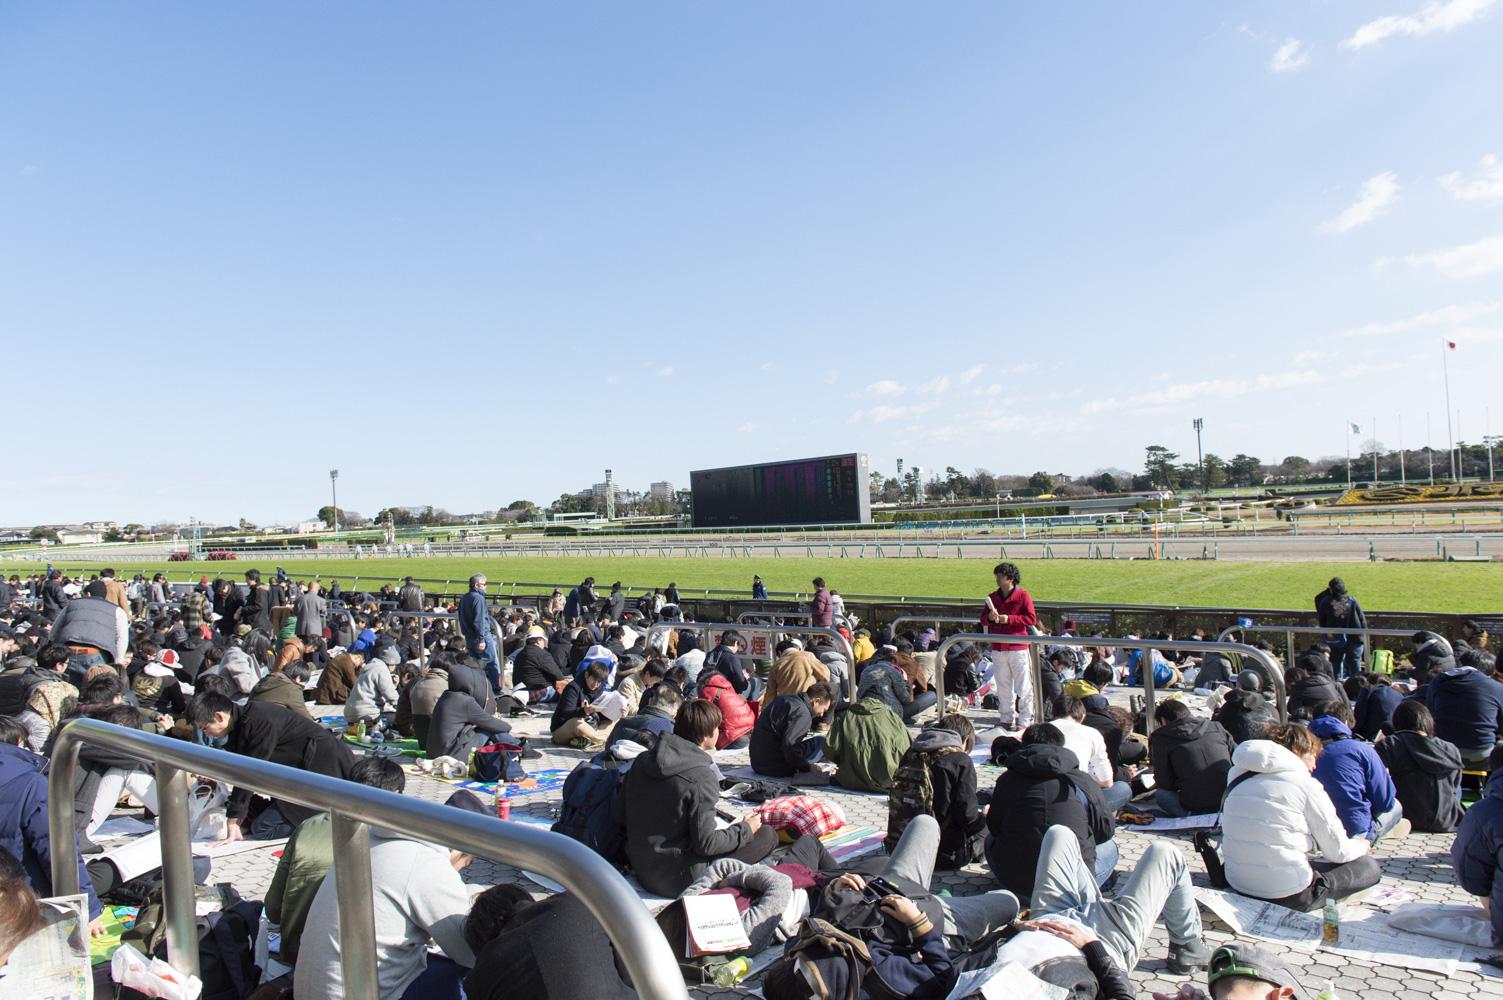 すでに大勢の人たちが有馬記念の観戦場所を確保。すごい!